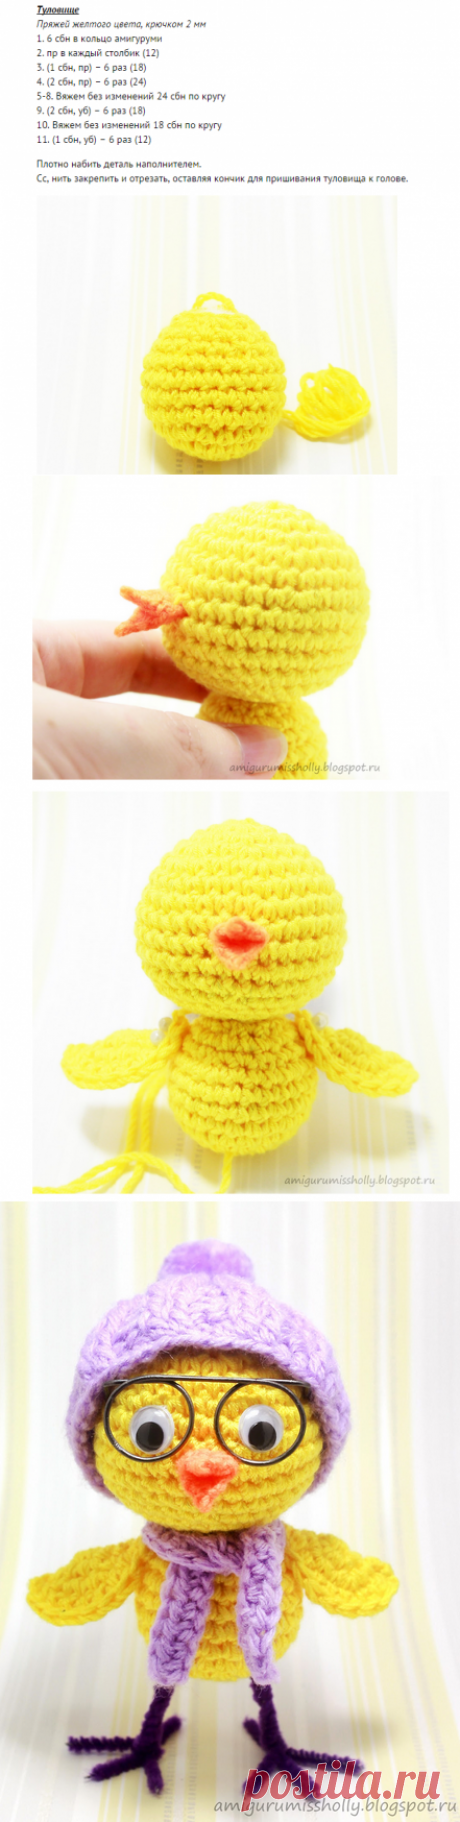 Как связать крючком игрушку или сувенир курочку, петушка или цыпленка?